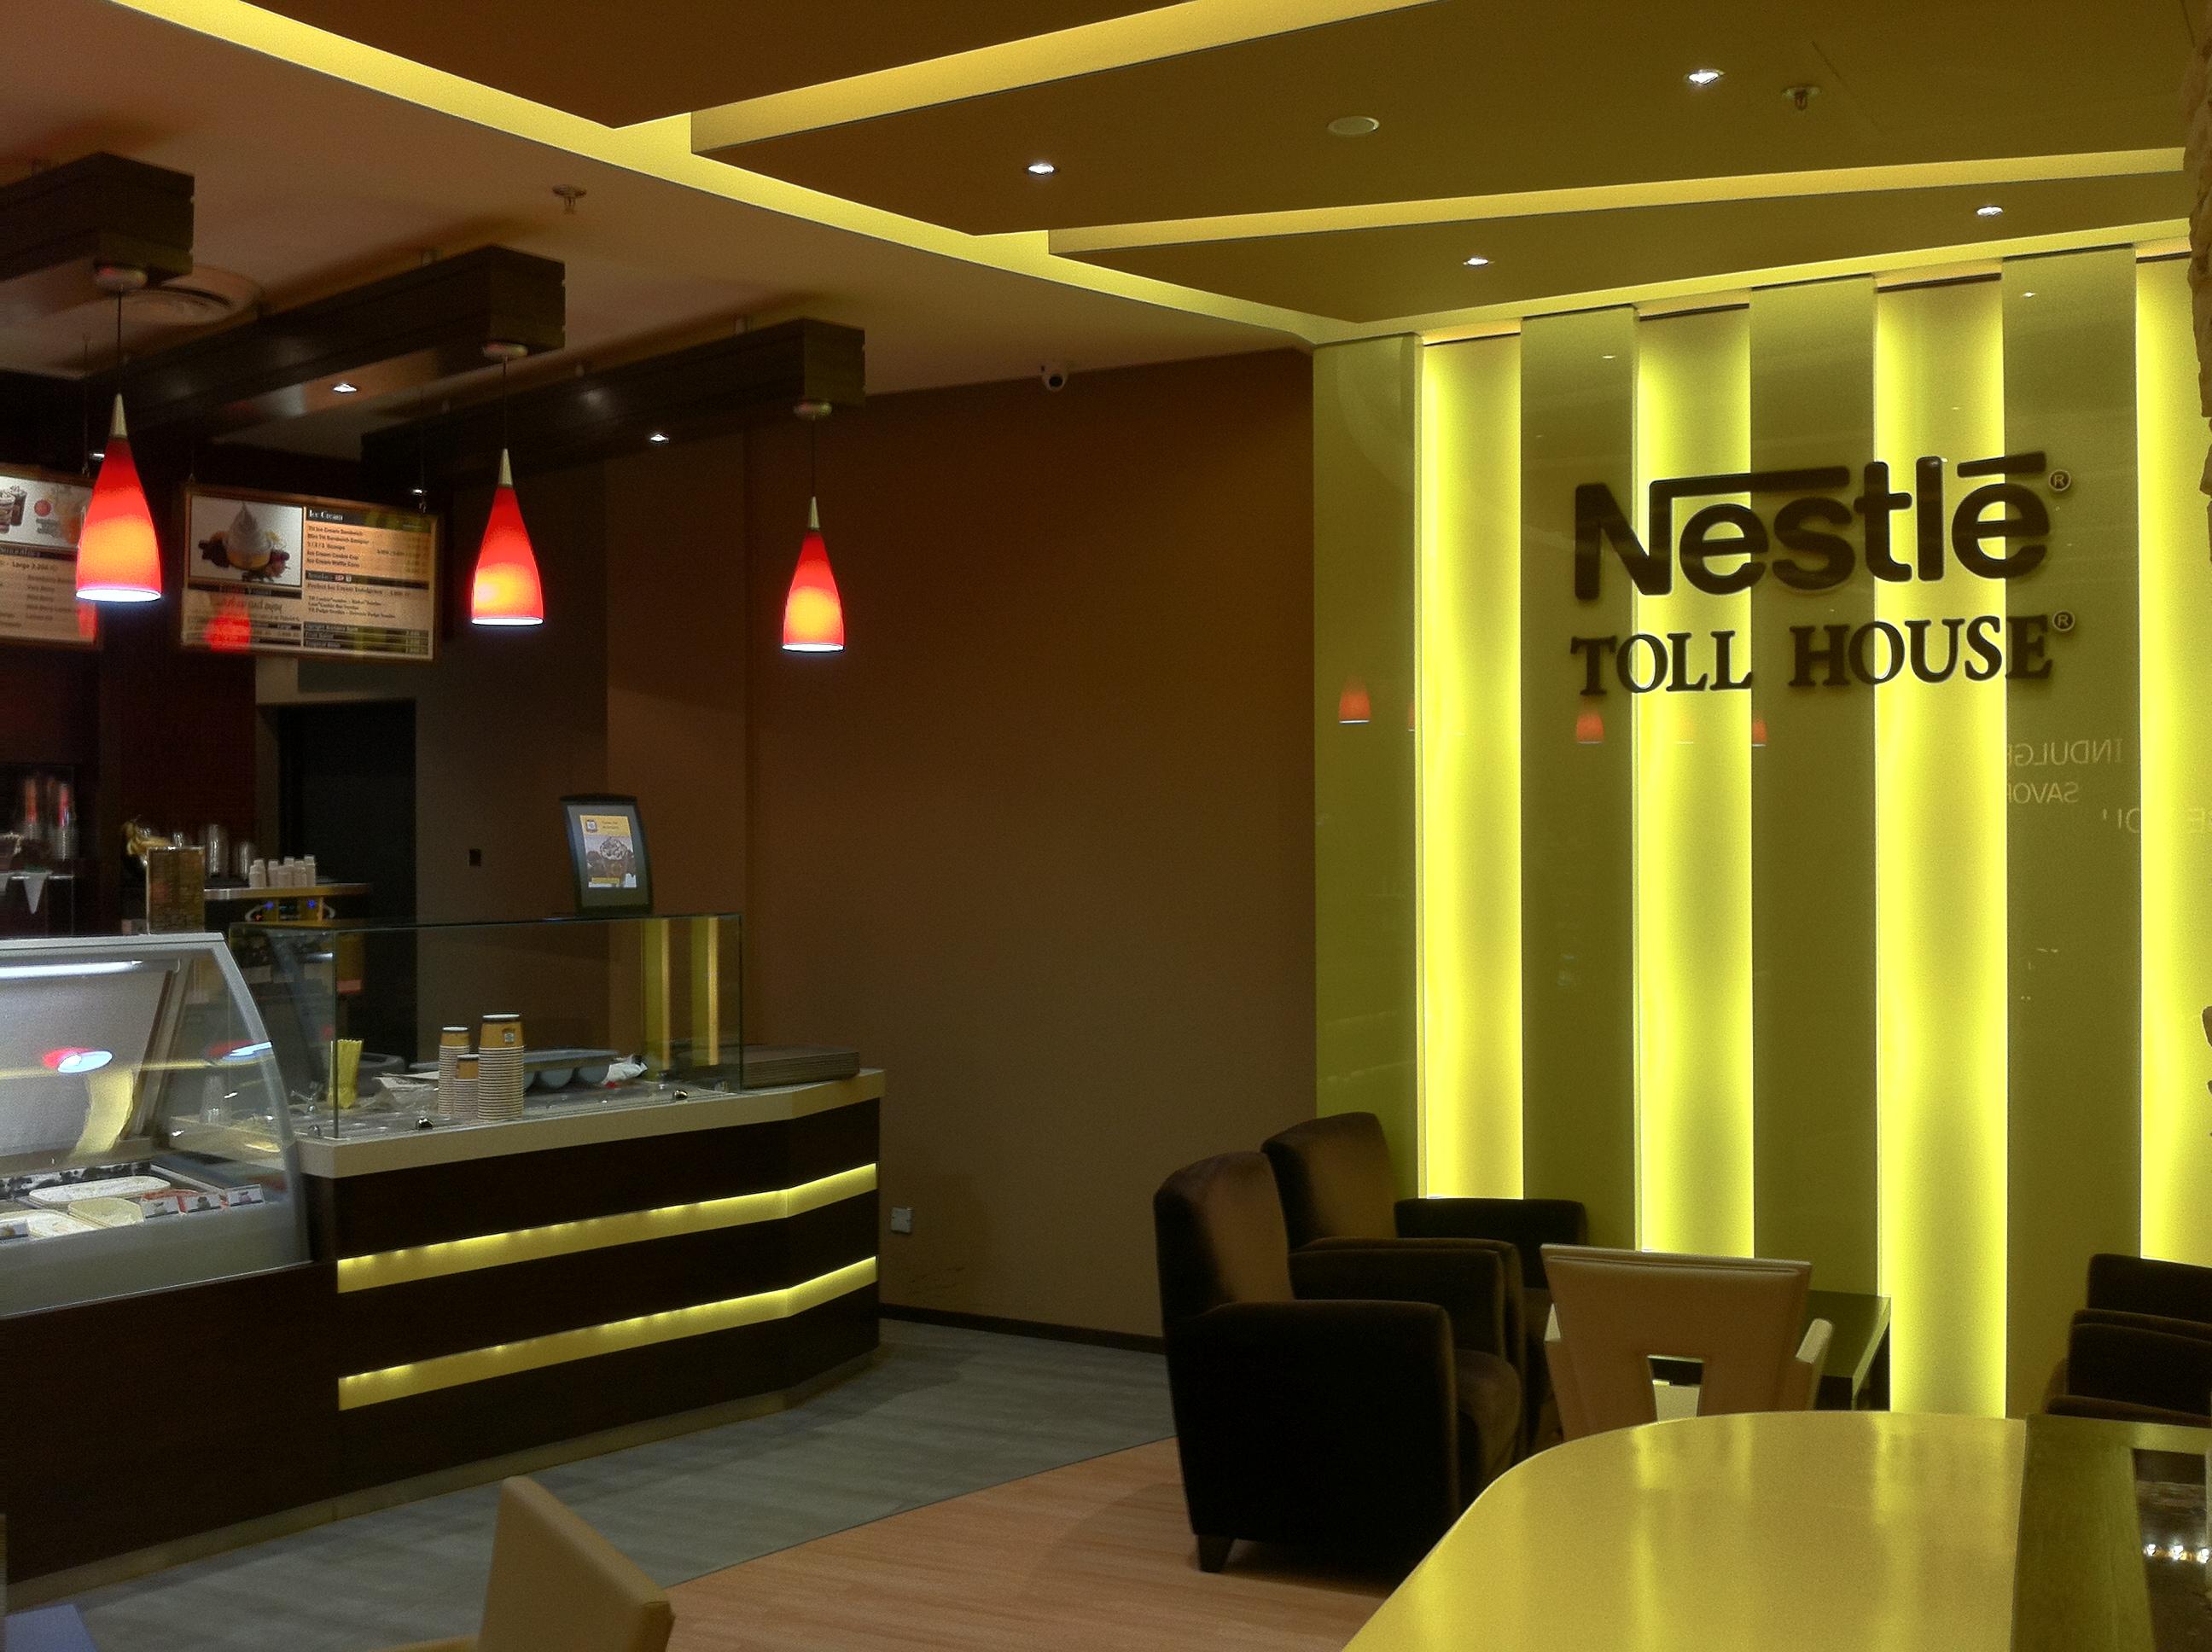 Nestlé Toll House Café Wikipedia